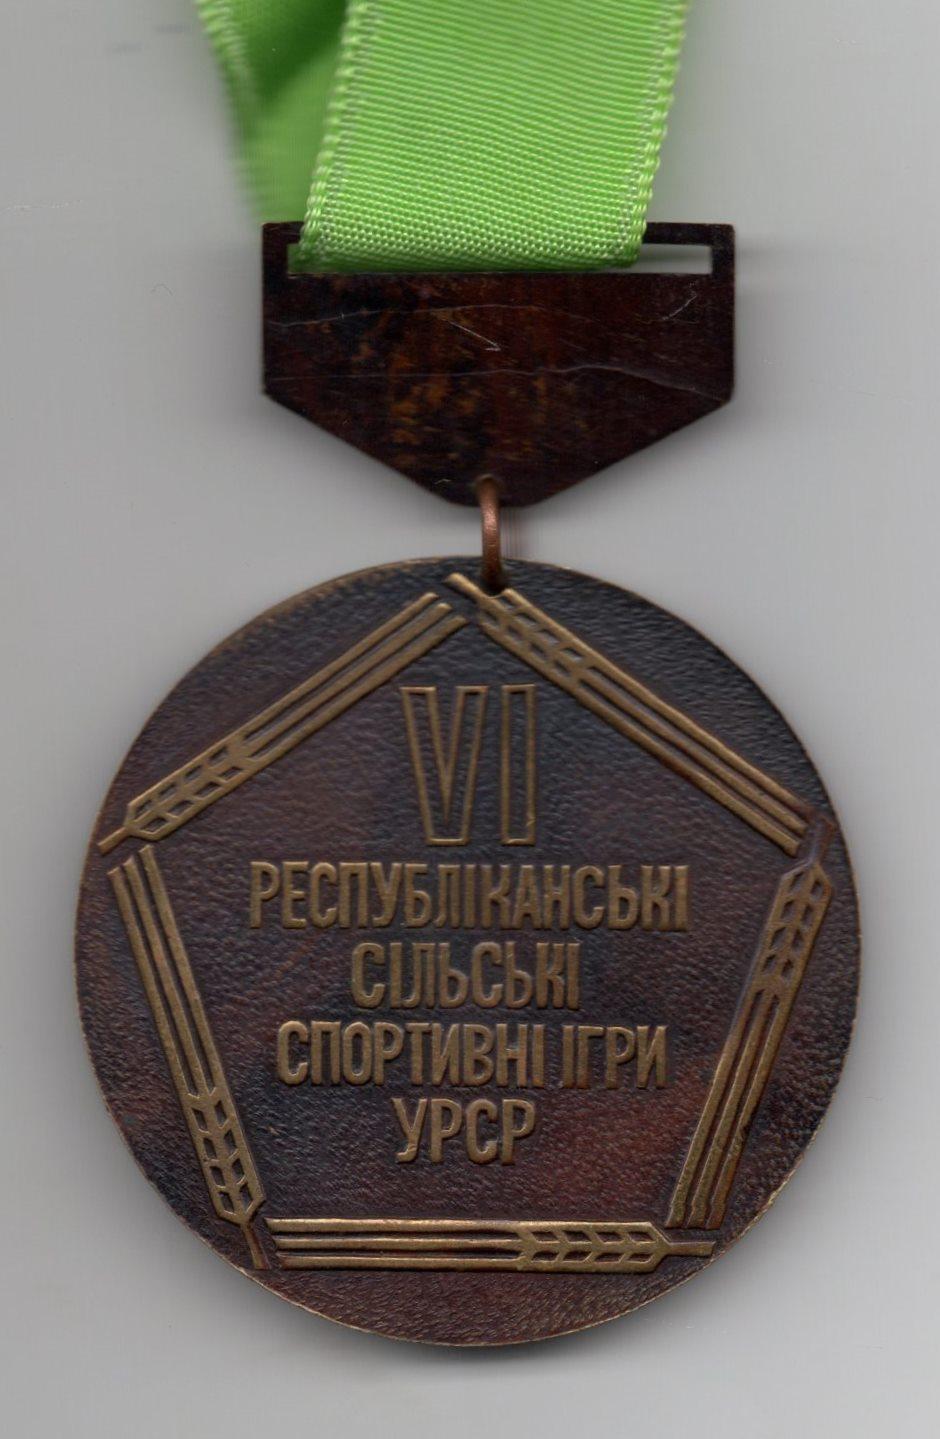 """Медаль """"ІІІ місце. VI Республіканські сільські спортивні ігри УРСР"""""""